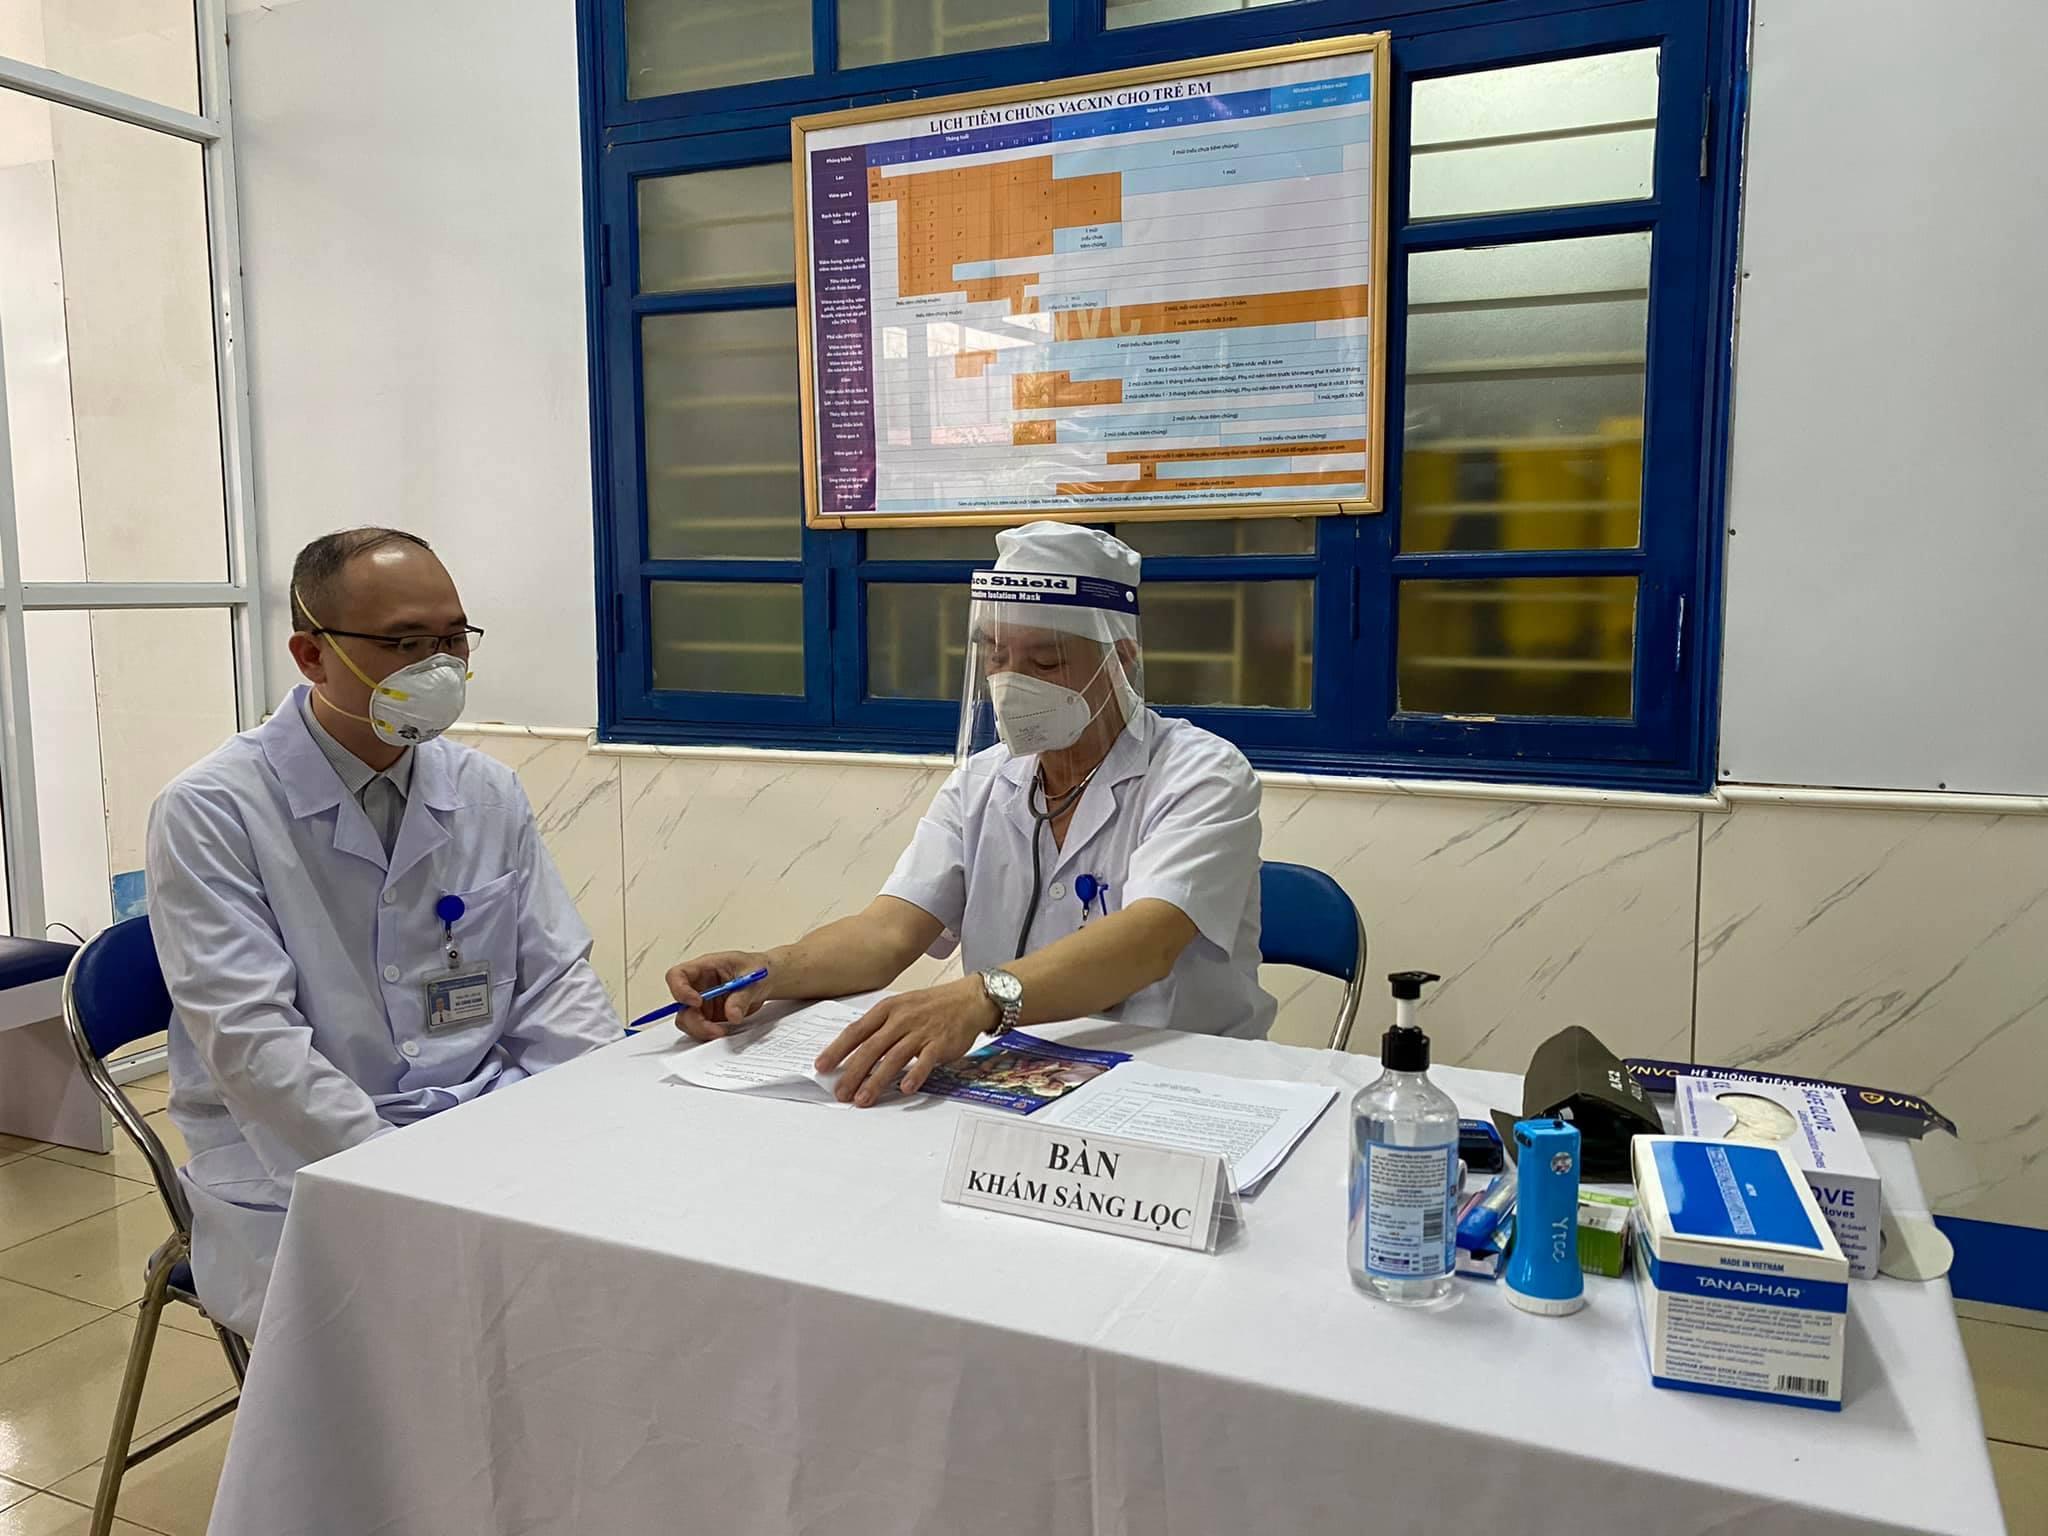 Sáng mai (9/3), Hà Nội tiêm vắc xin Covid-19 cho những ai?